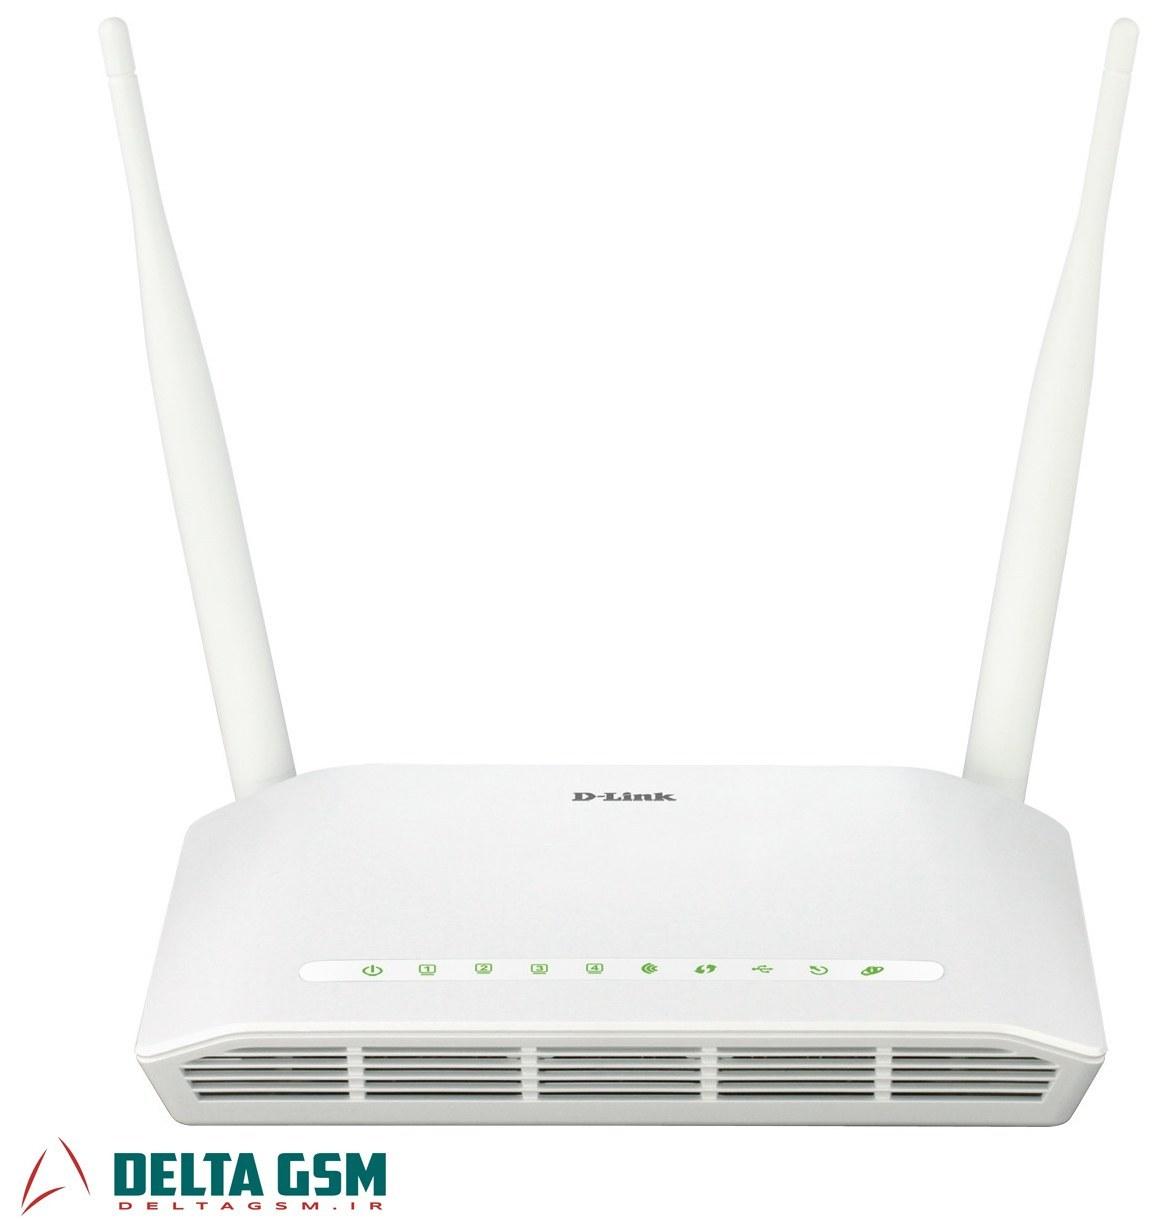 تصویر مودم روتر بی سیم D_LINK 2750 U ADSL2 PLUS دی لینک N300